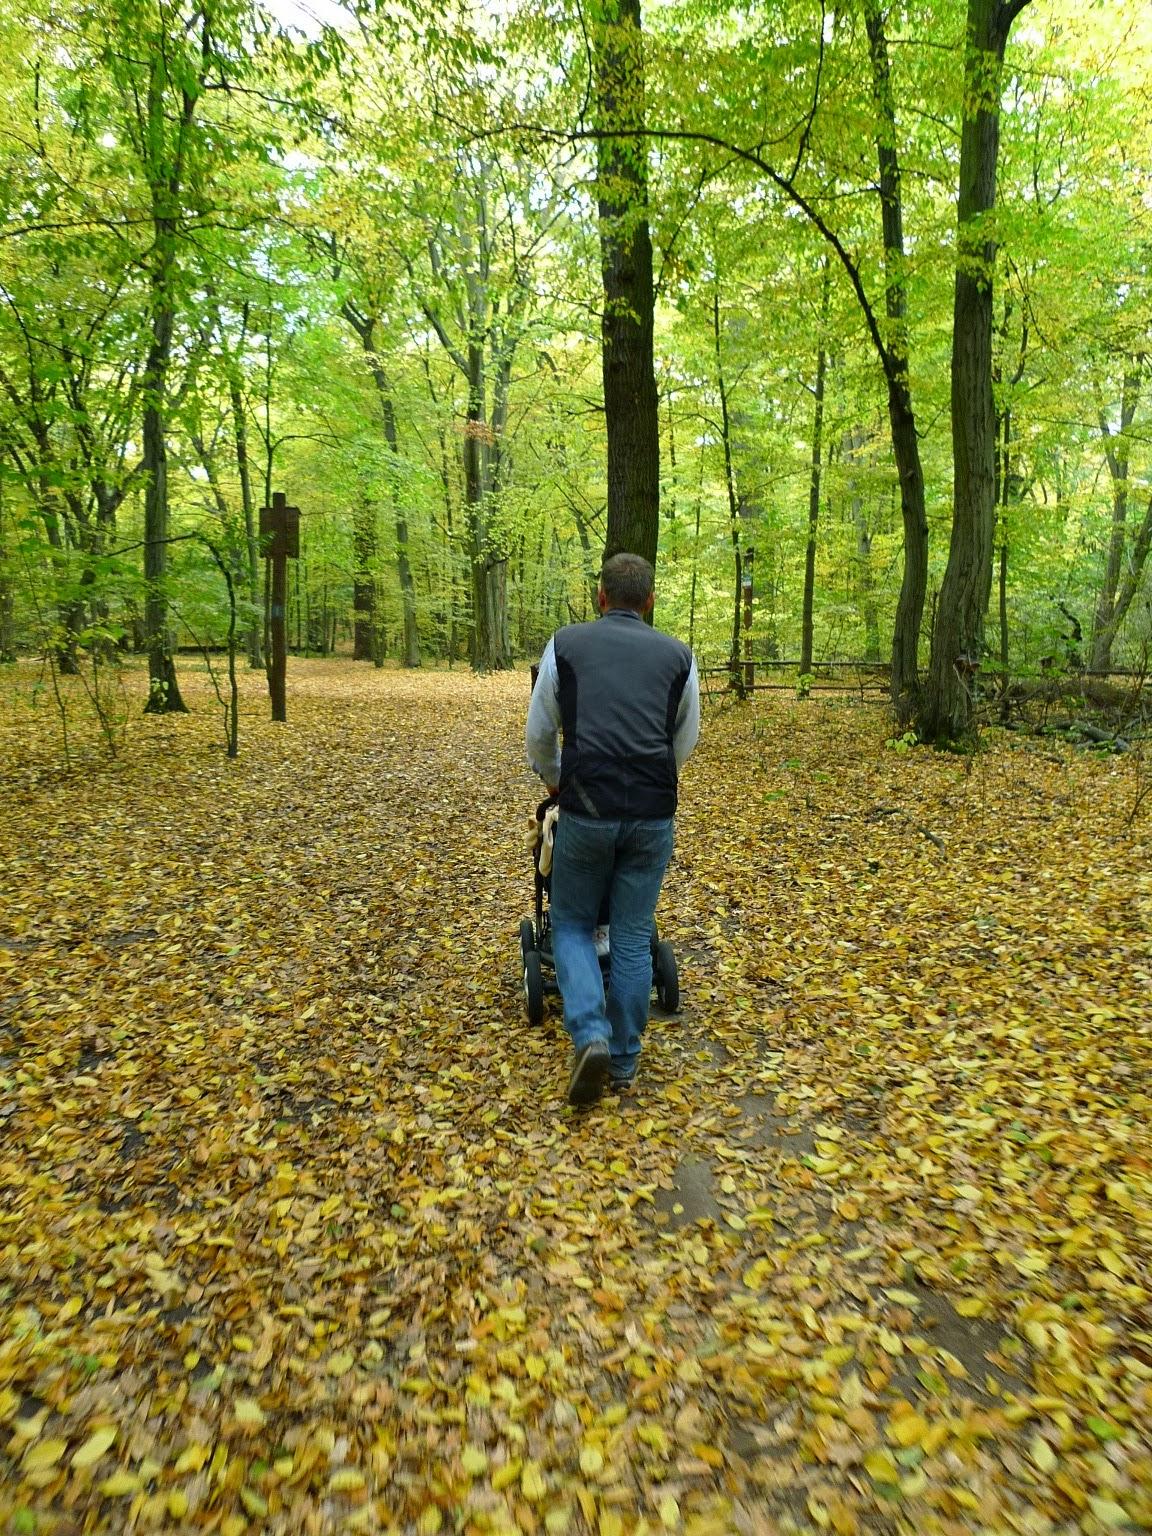 Odkrywanie okolic - Las Bielański/Discovering neighborhood - Bielanski Forest